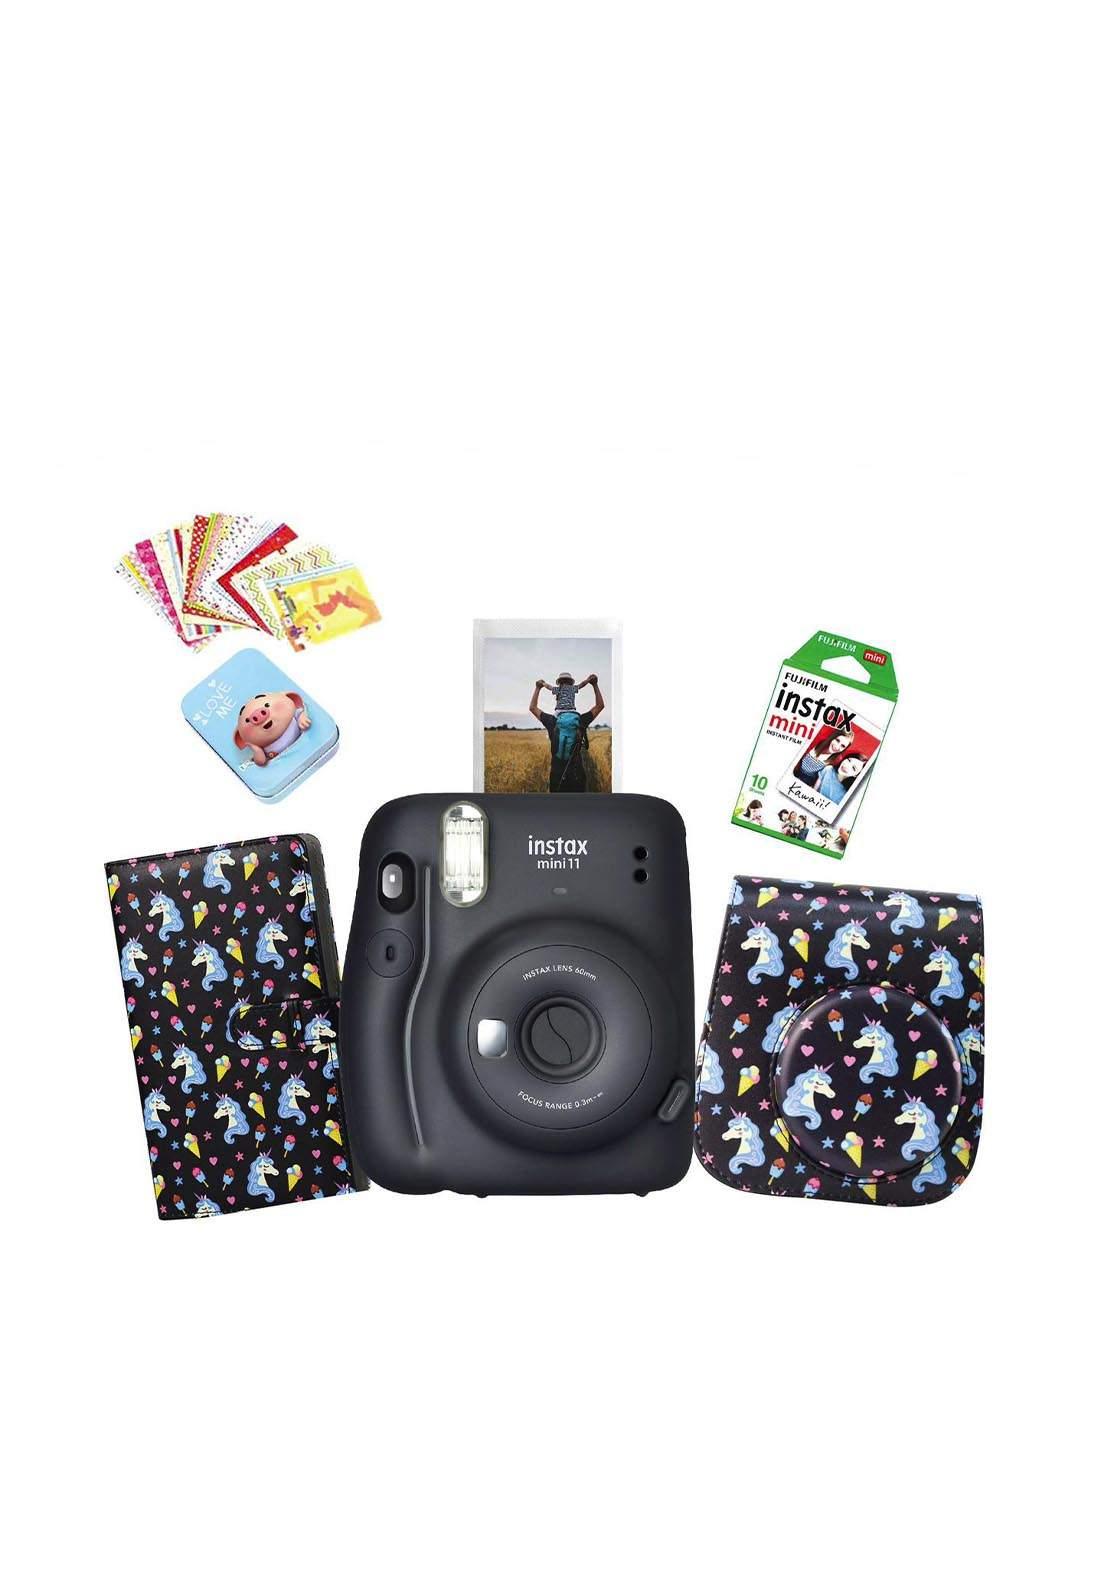 Fujifilm Instax LifeStyle Pack Mini11 Camera Package - Black كاميرا فورية